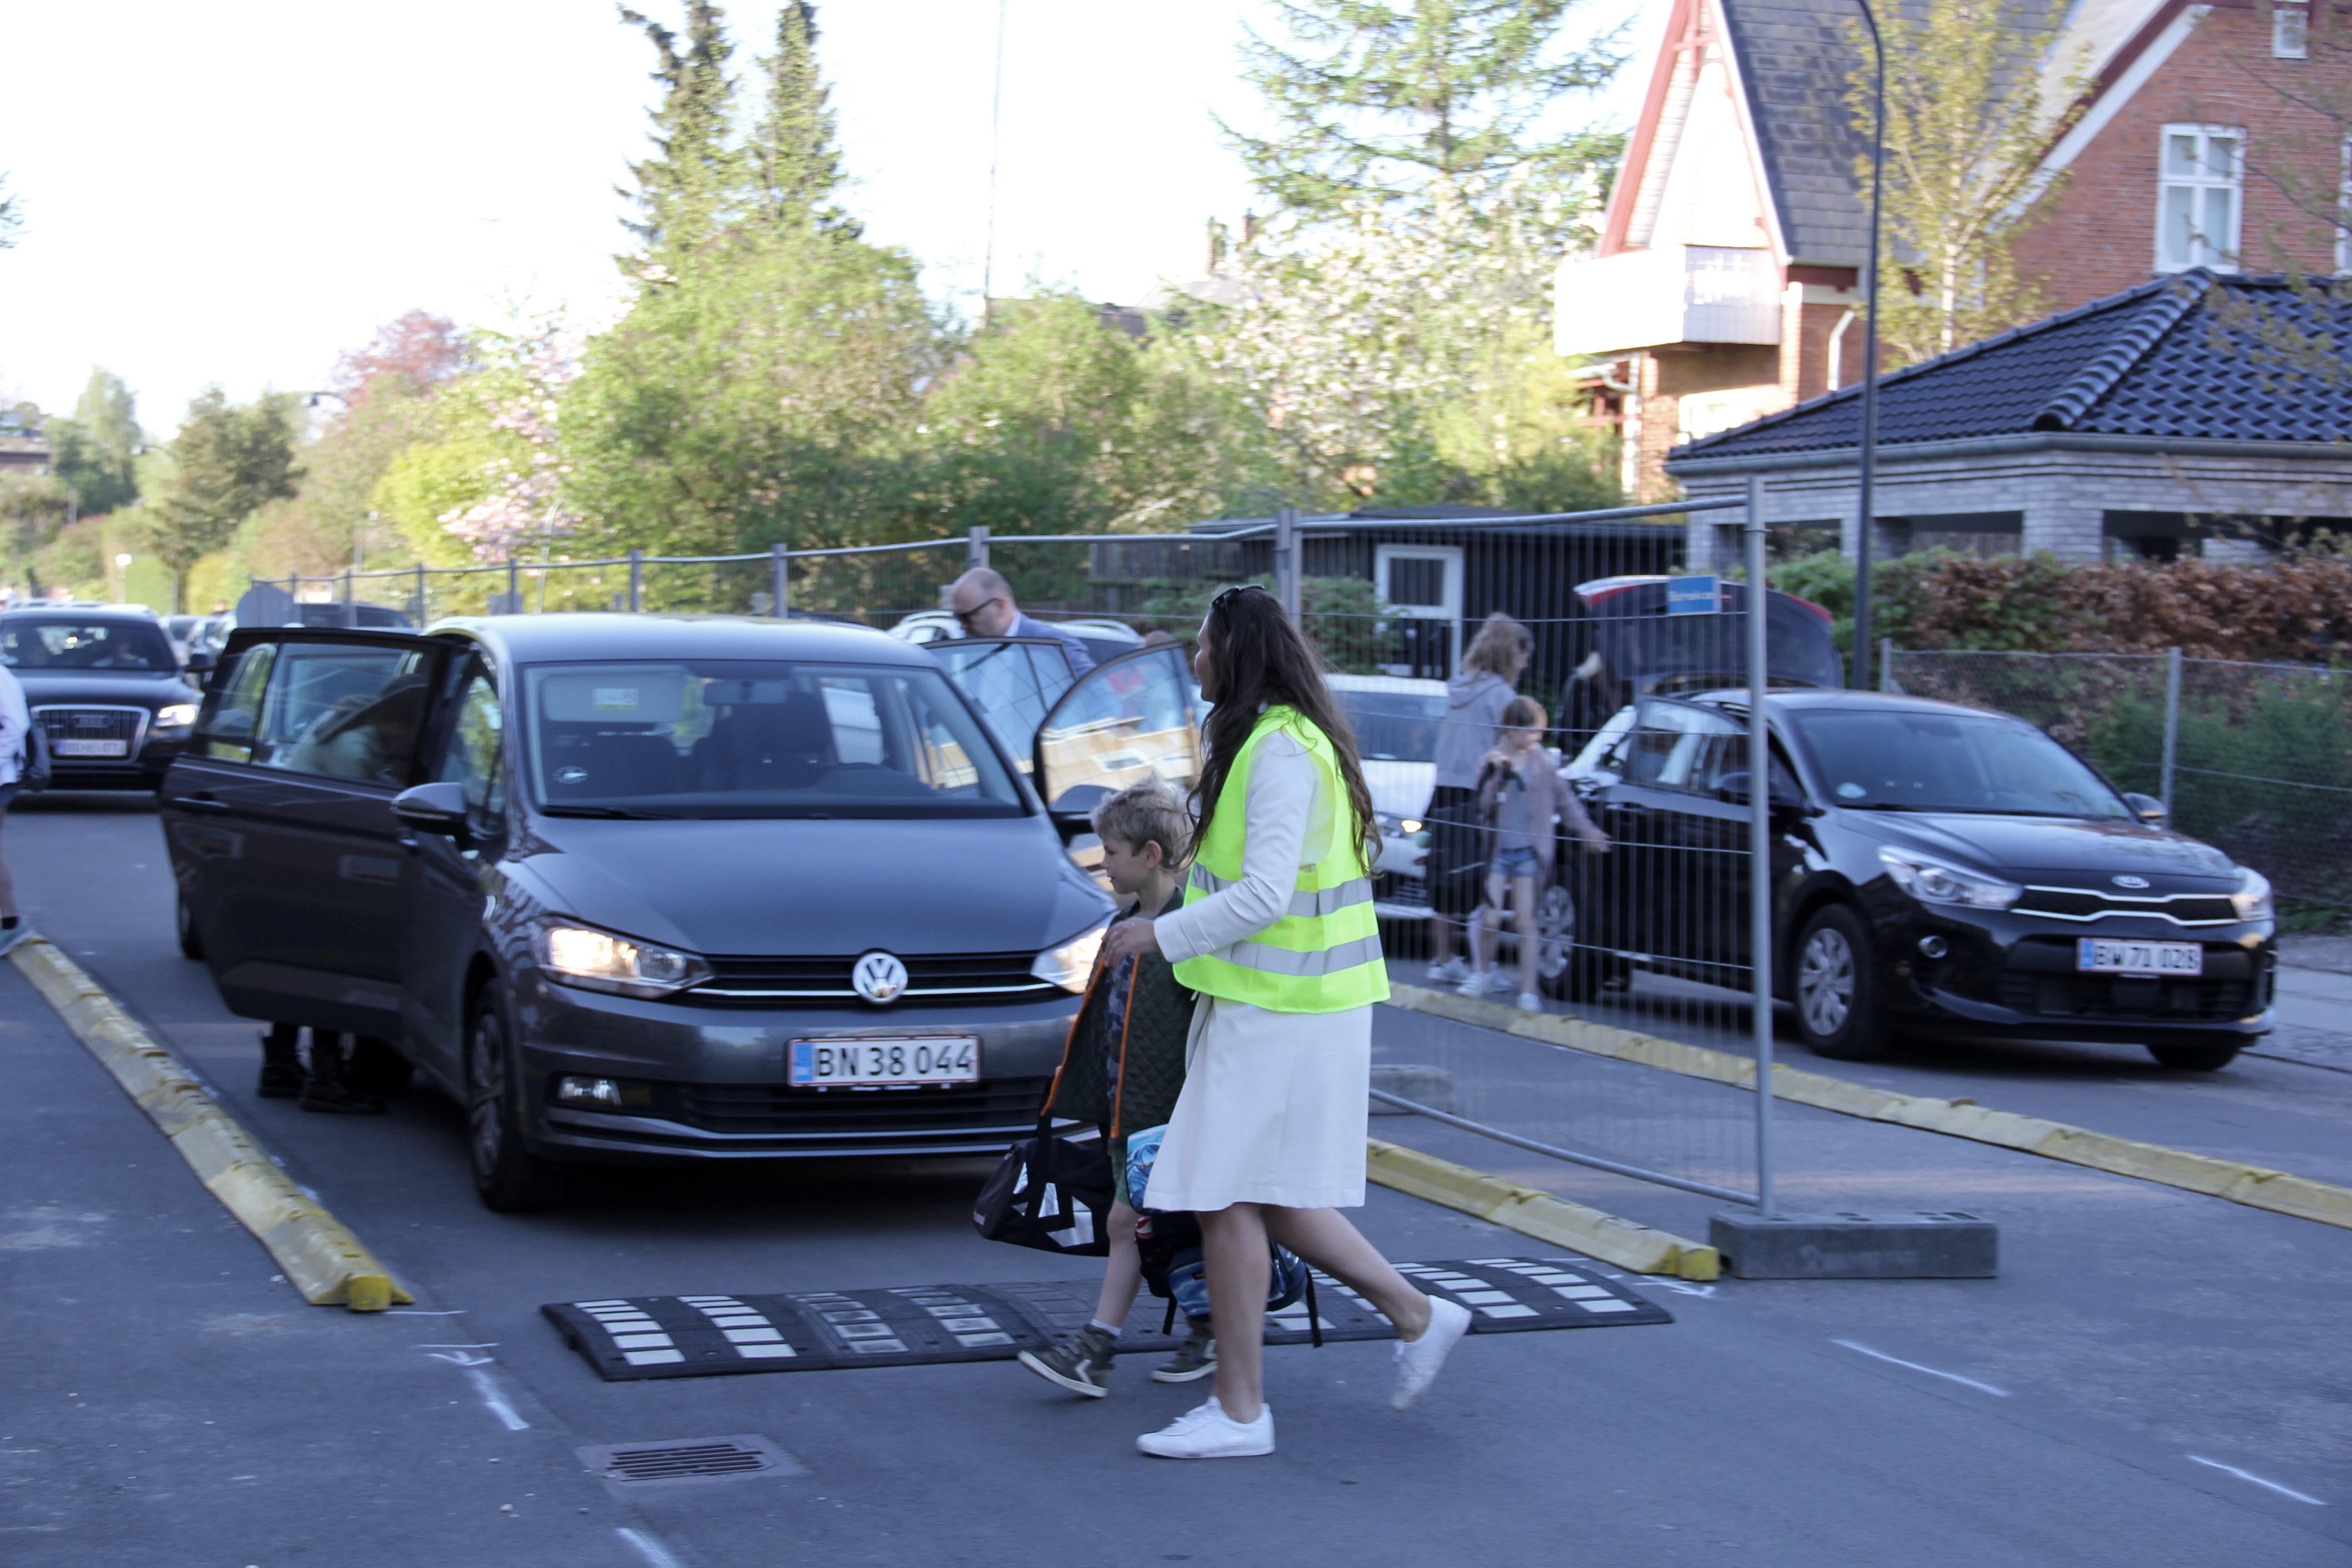 Via Trafik tilbyder rådgivning inden for alle trafikale emner, herunder også skolevejsprojekterog trafiksikkerhed er omdrejningspunktet for alt, hvad vi gør.